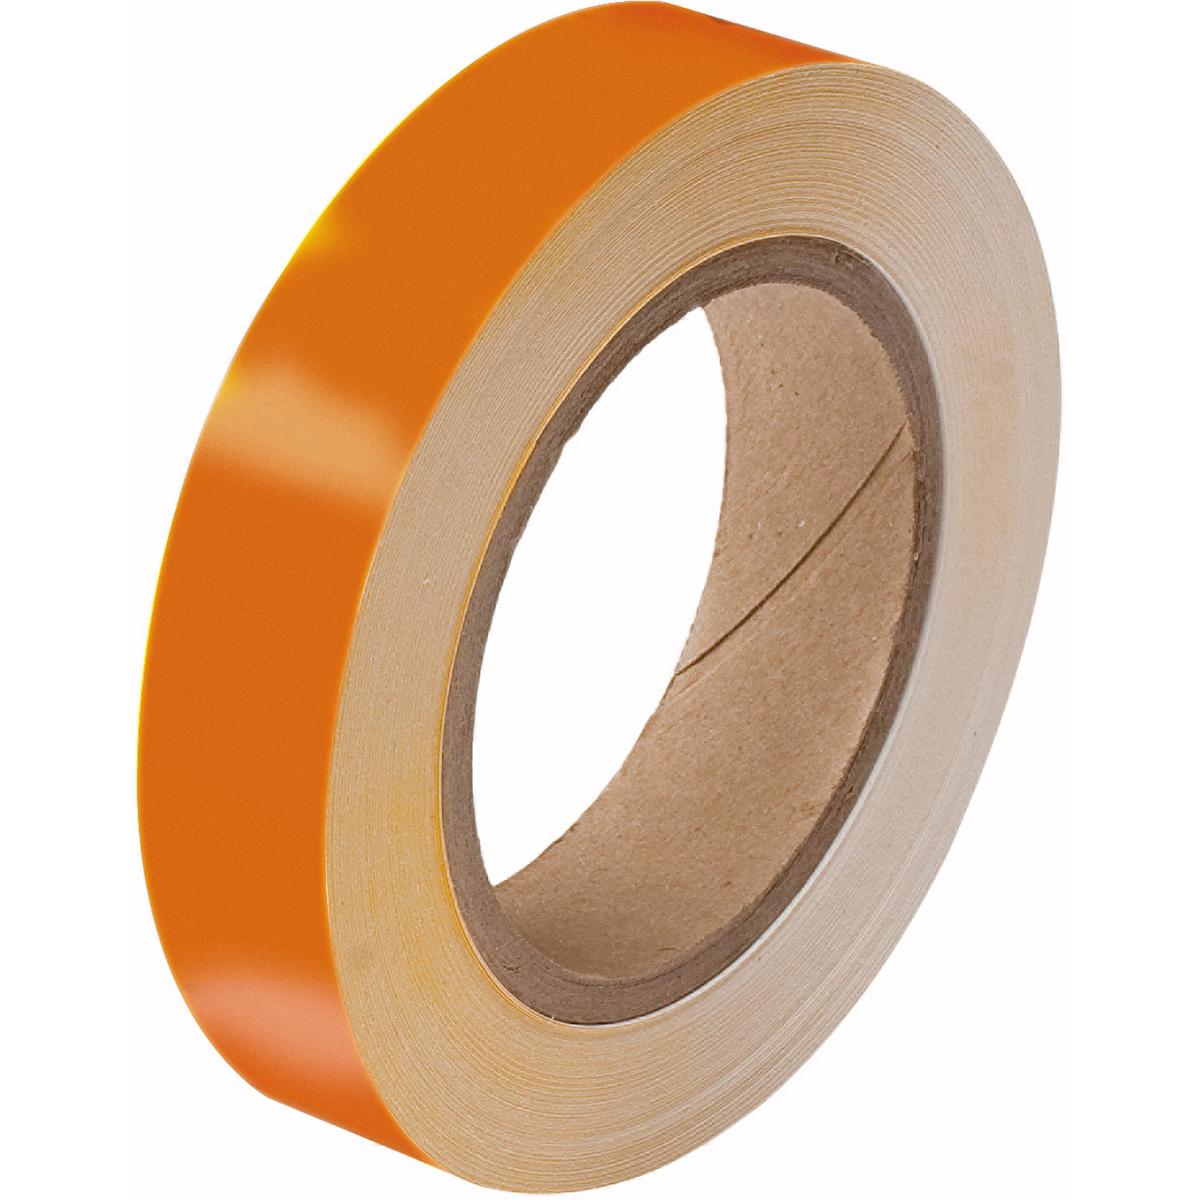 Pipe Banding Tape - Orange